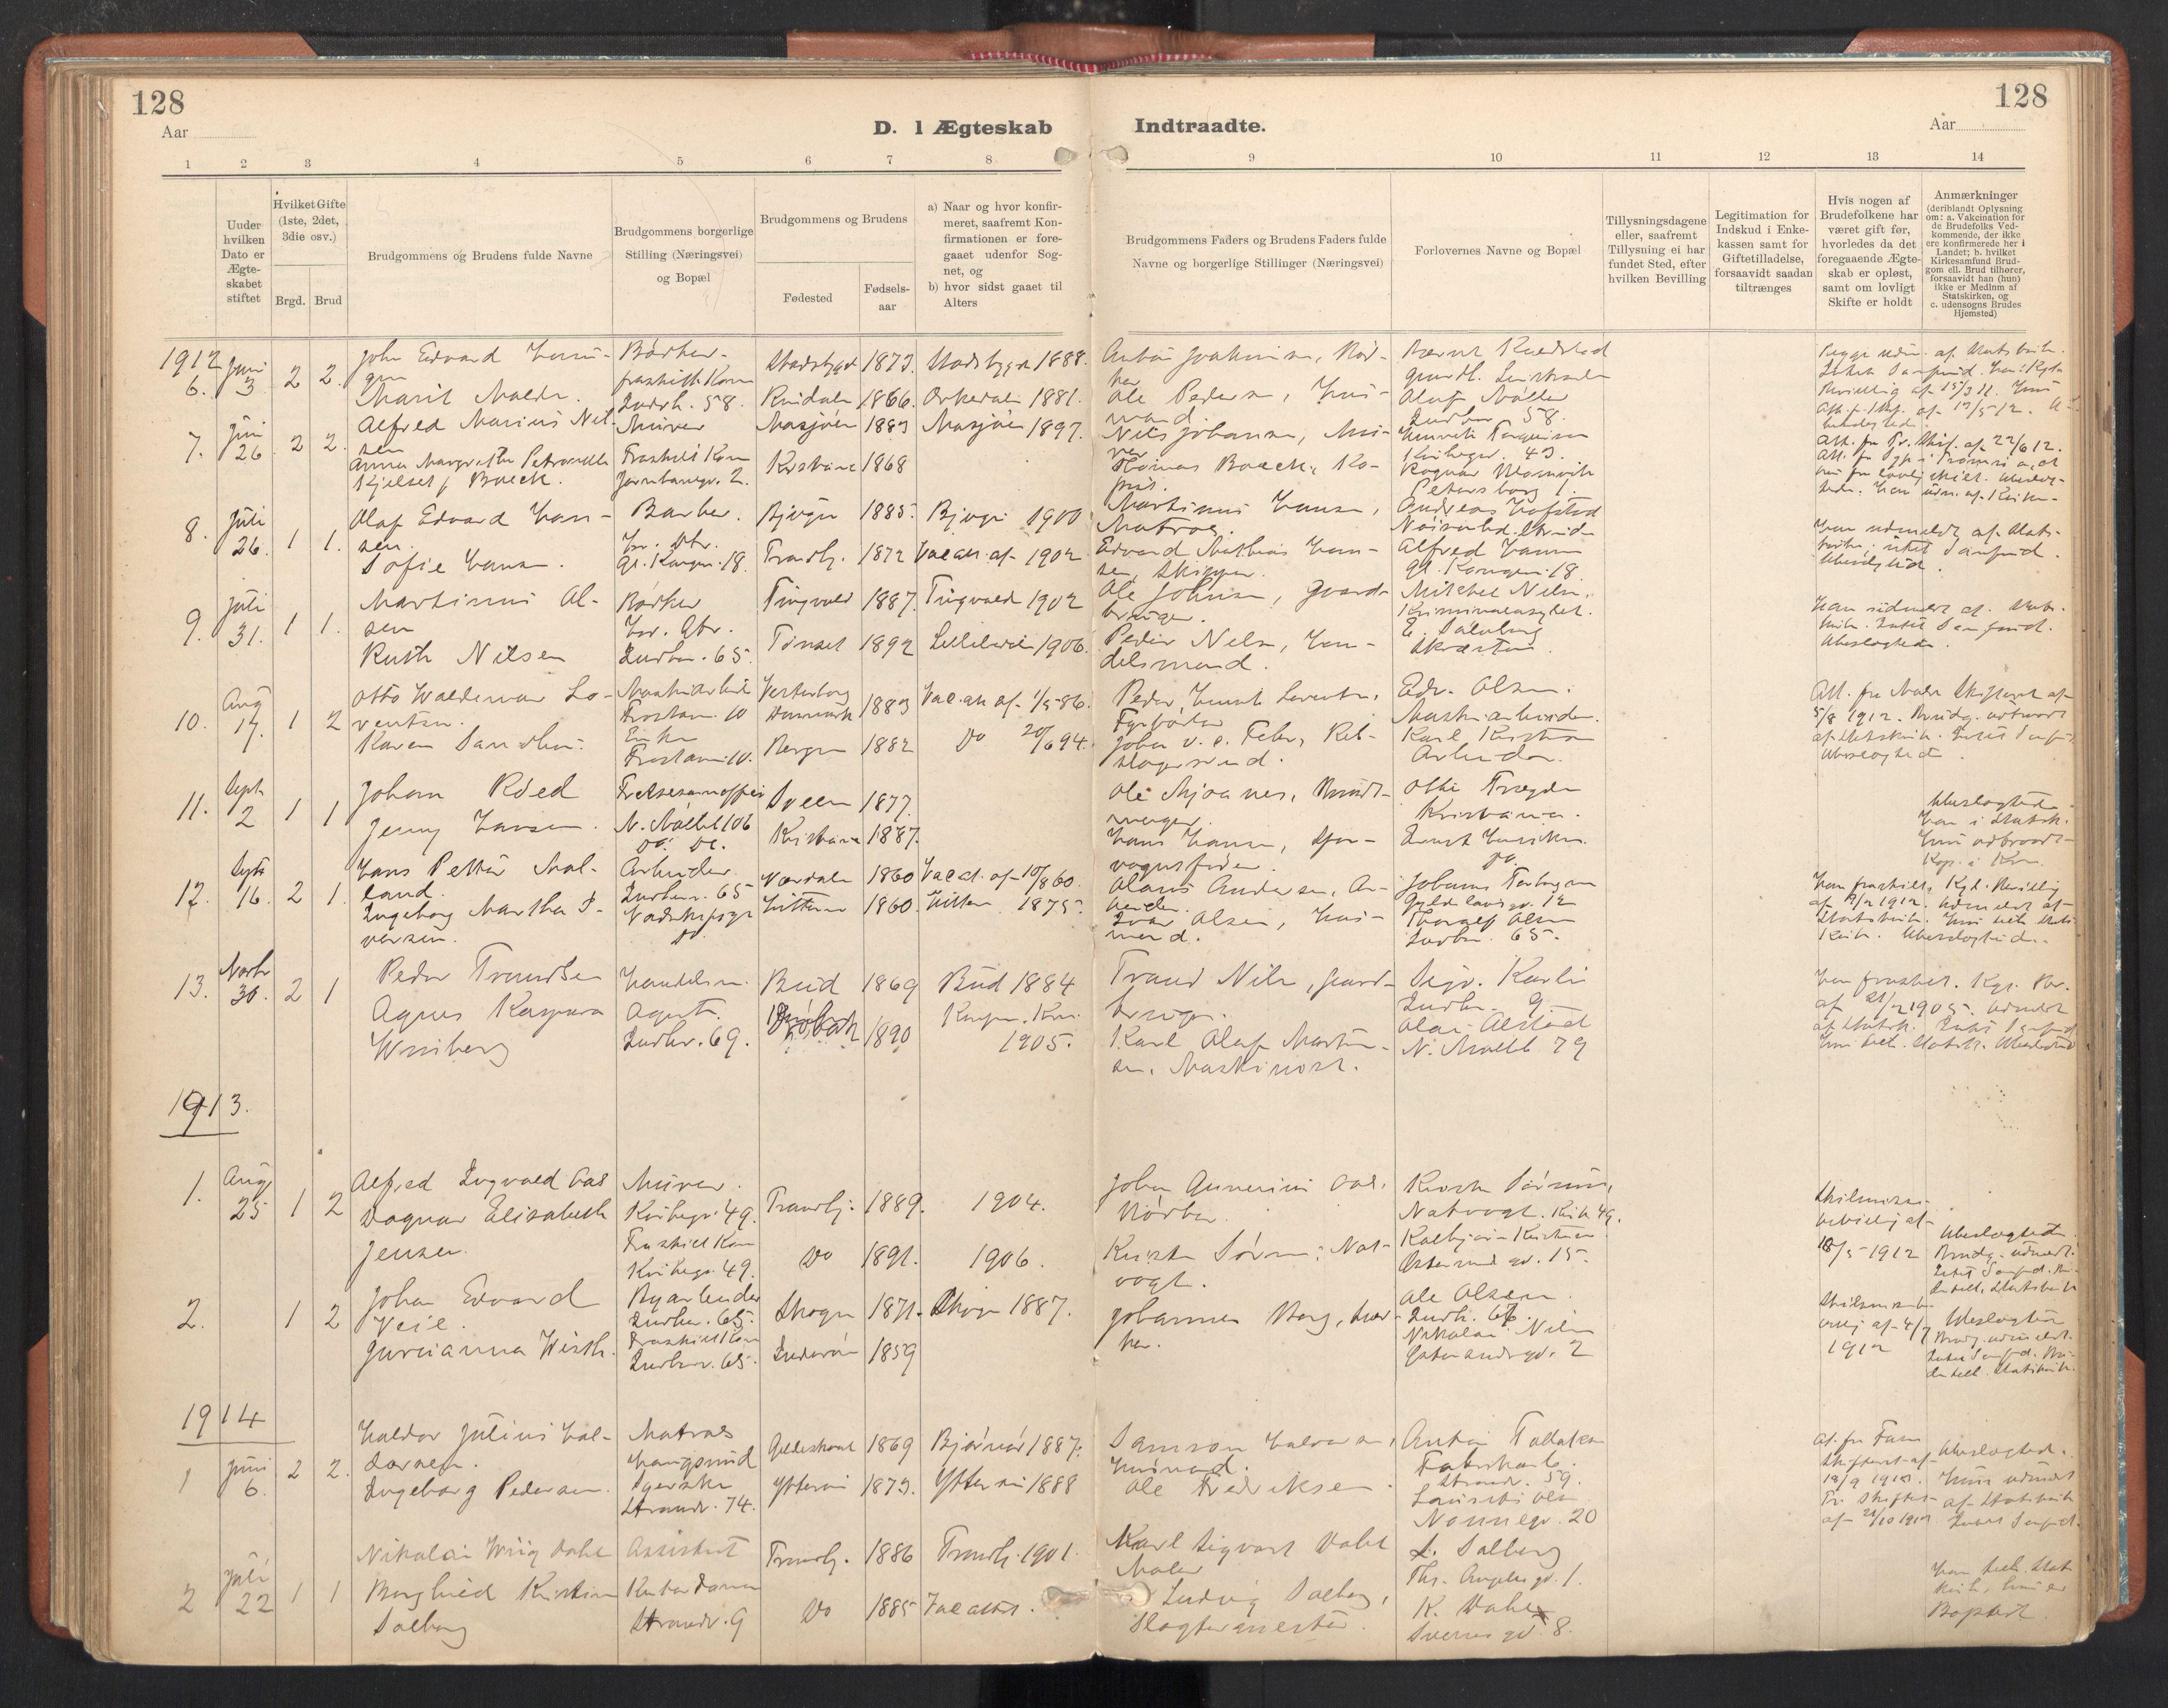 SAT, Ministerialprotokoller, klokkerbøker og fødselsregistre - Sør-Trøndelag, 605/L0244: Ministerialbok nr. 605A06, 1908-1954, s. 128